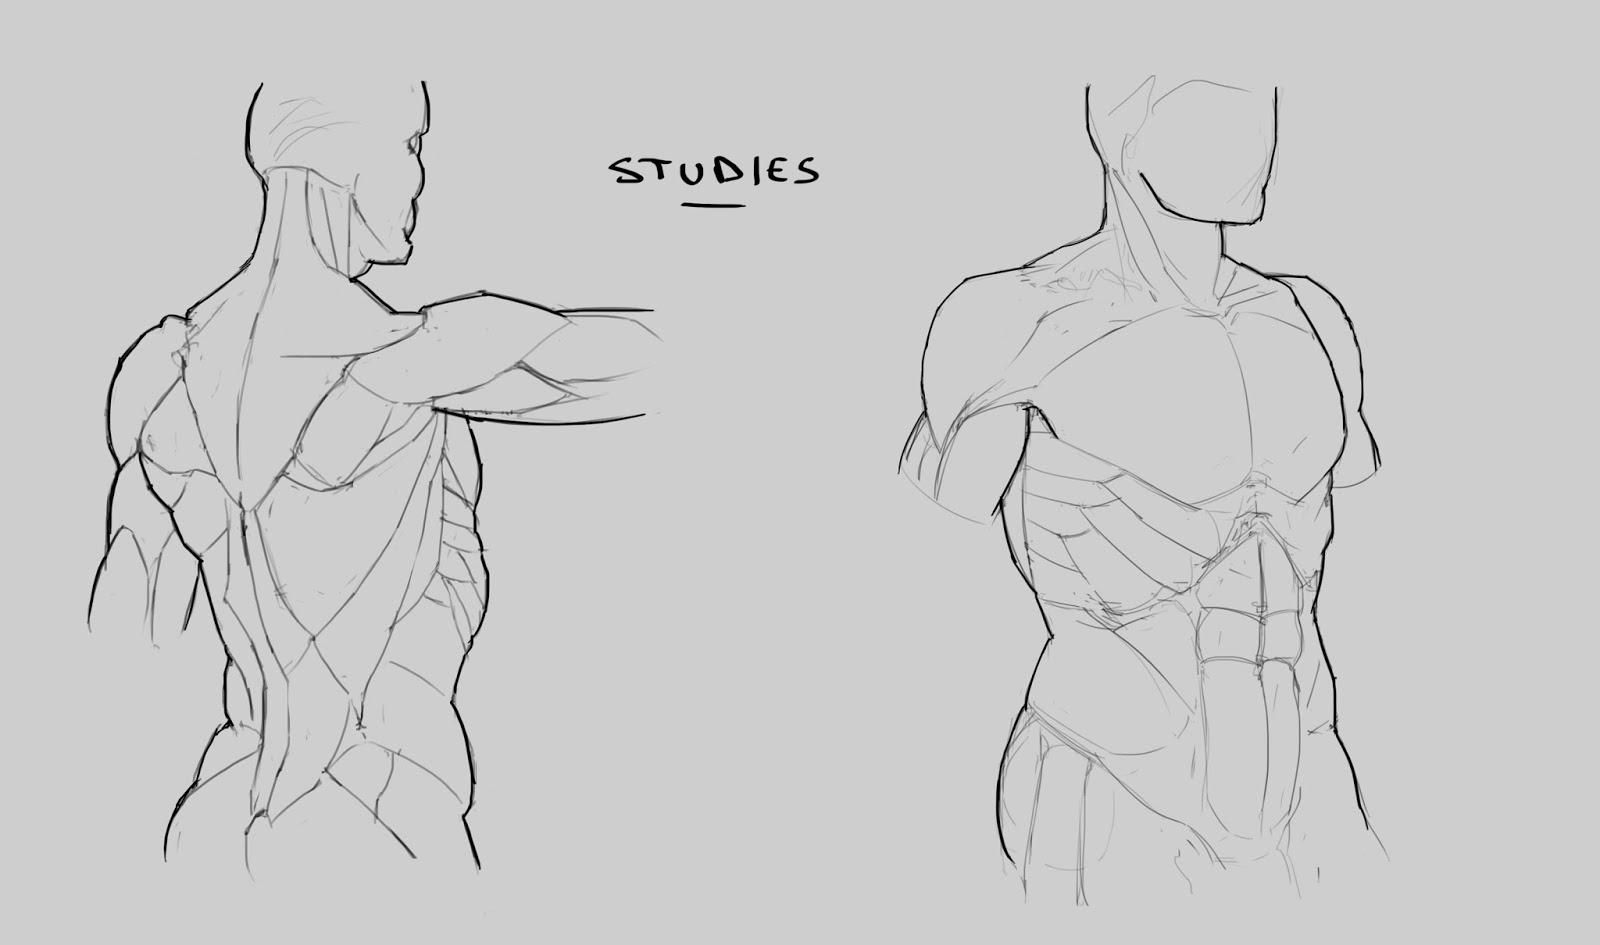 [SPOLYK] - Geometries & sketches 45